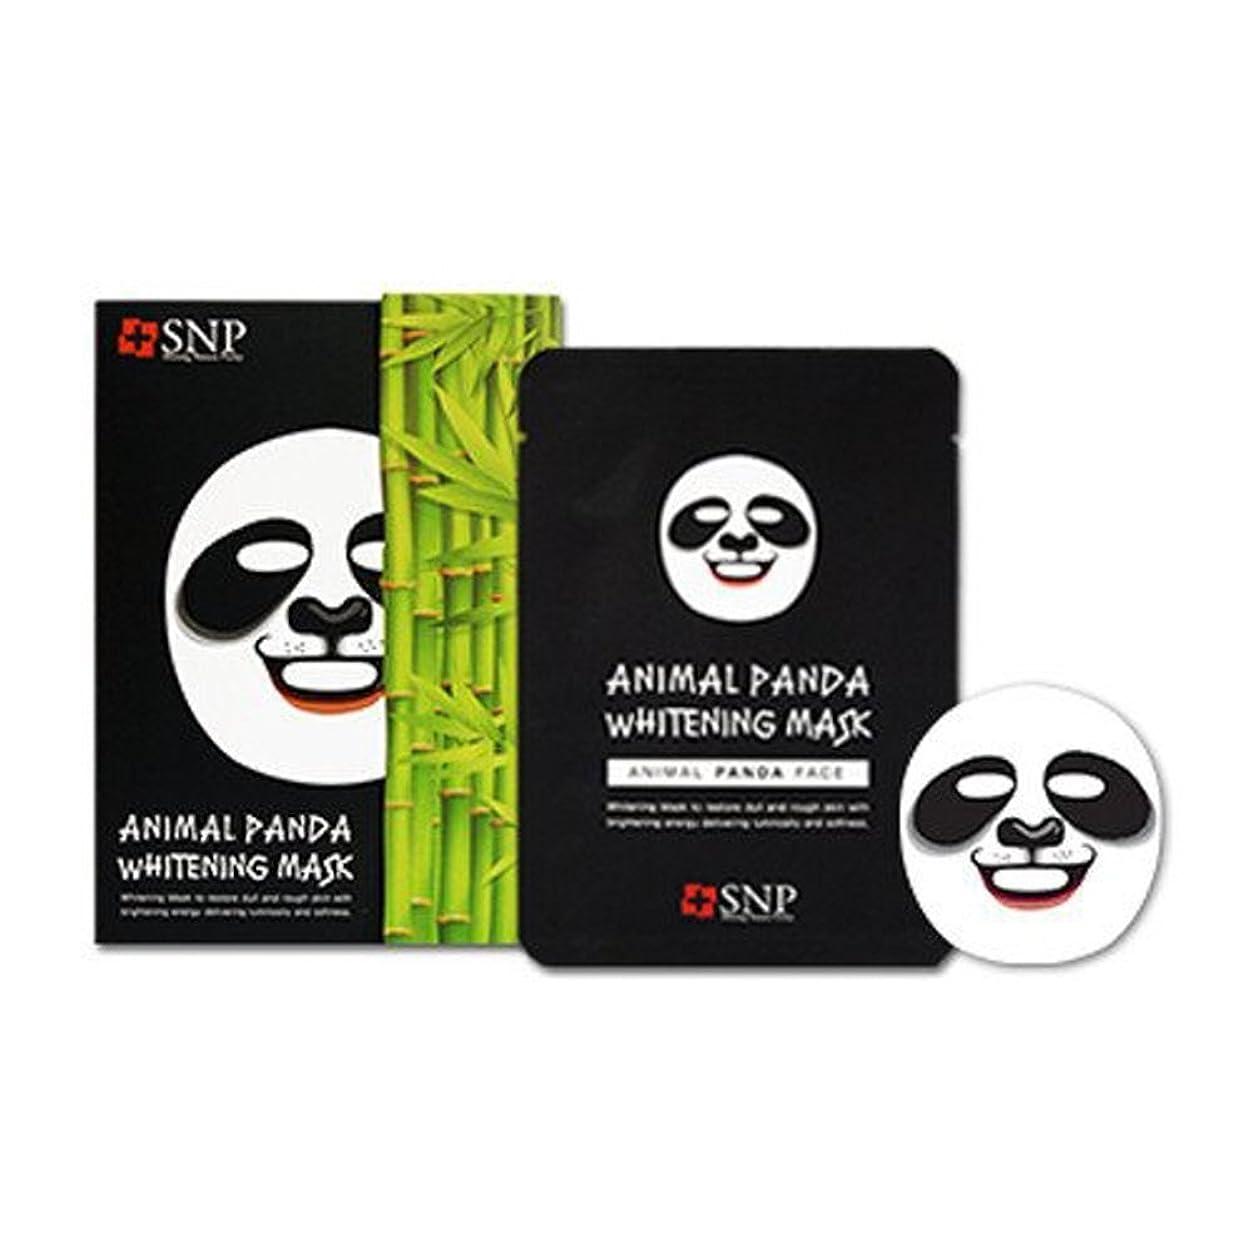 再開ライム彼自身SNP エスエンピ 動物マスクシート 10枚入り1box (Animal Mask 10 sheet) 海外直送品 (パンダ Panda)